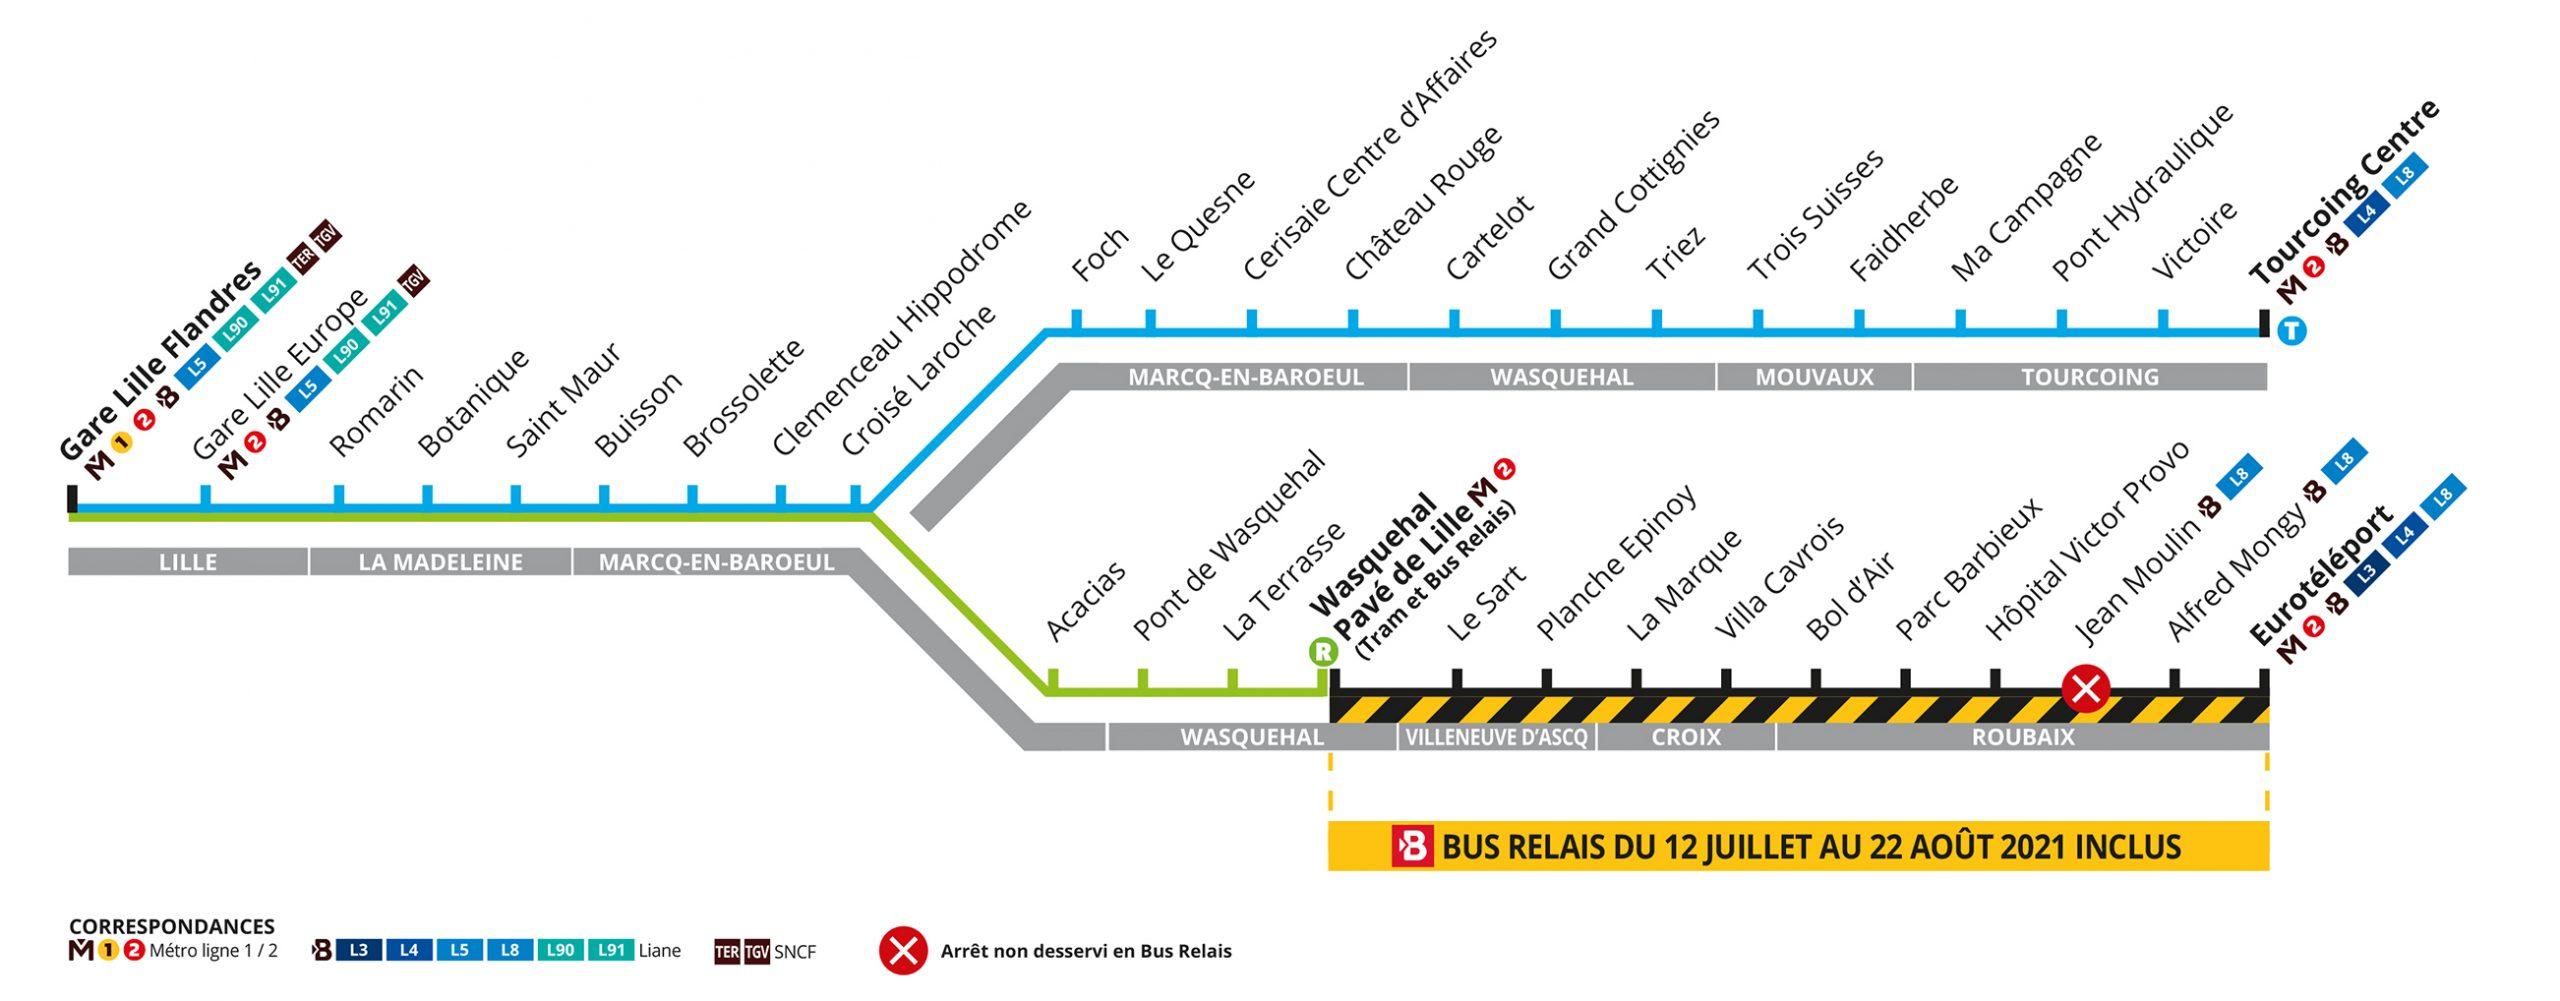 Plan Présentant les travaux prévus sur la ligne de Tramway vers Roubaix entre les stations Wasquehal pavé de Lille et Roubaix Eurotéléport